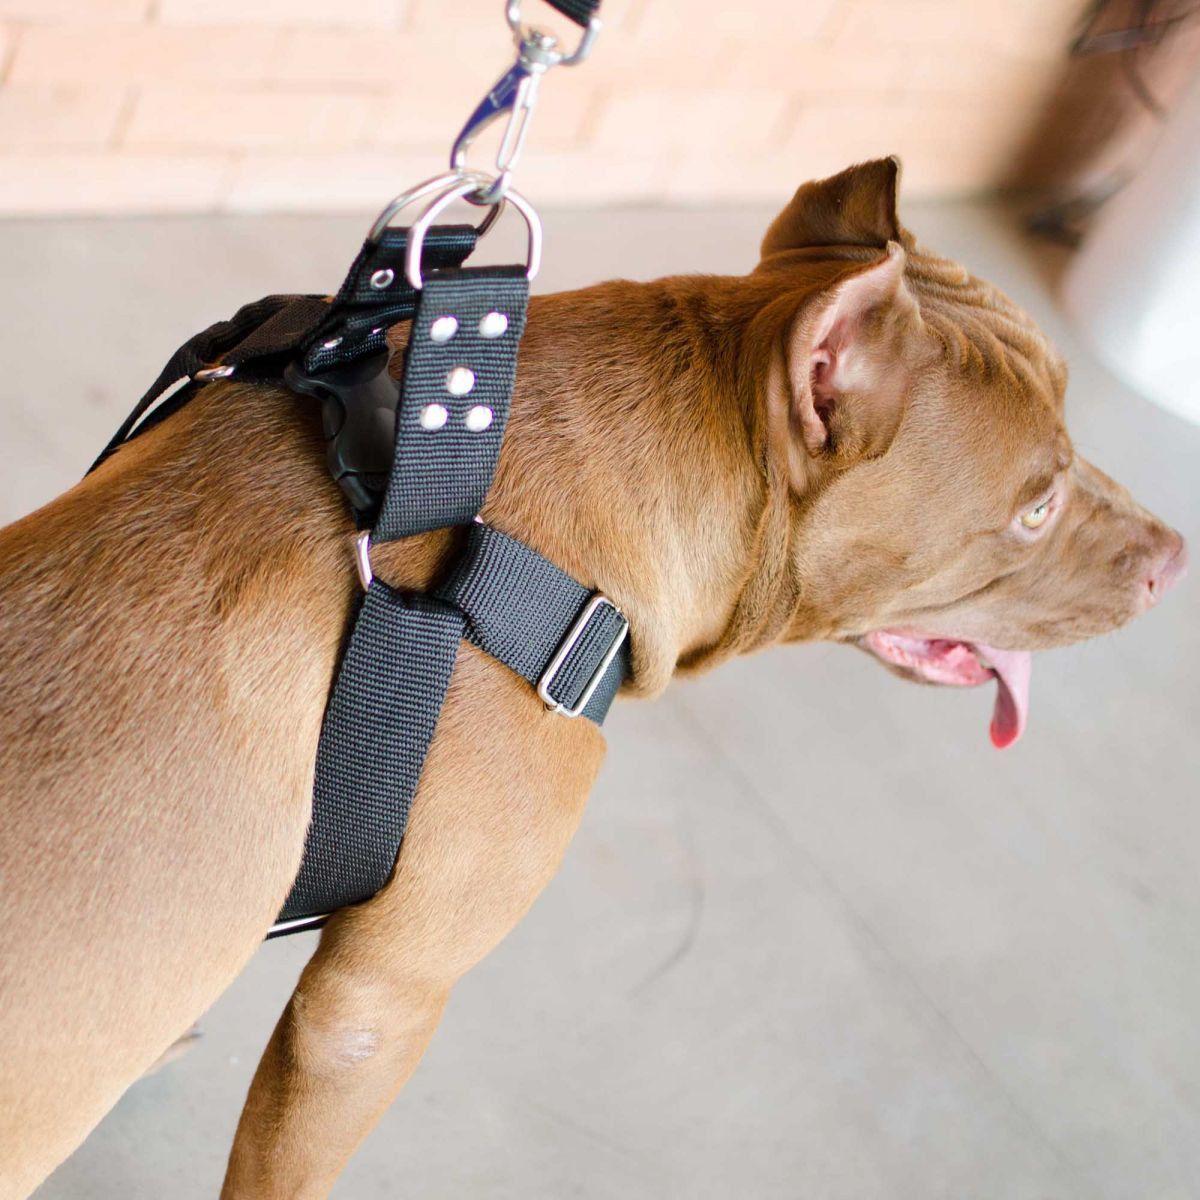 Coleira Peitoral Cachorro Porte Maior E Adaptador Para Cinto de Segurança Veicular Tamanho M - Cor Preta